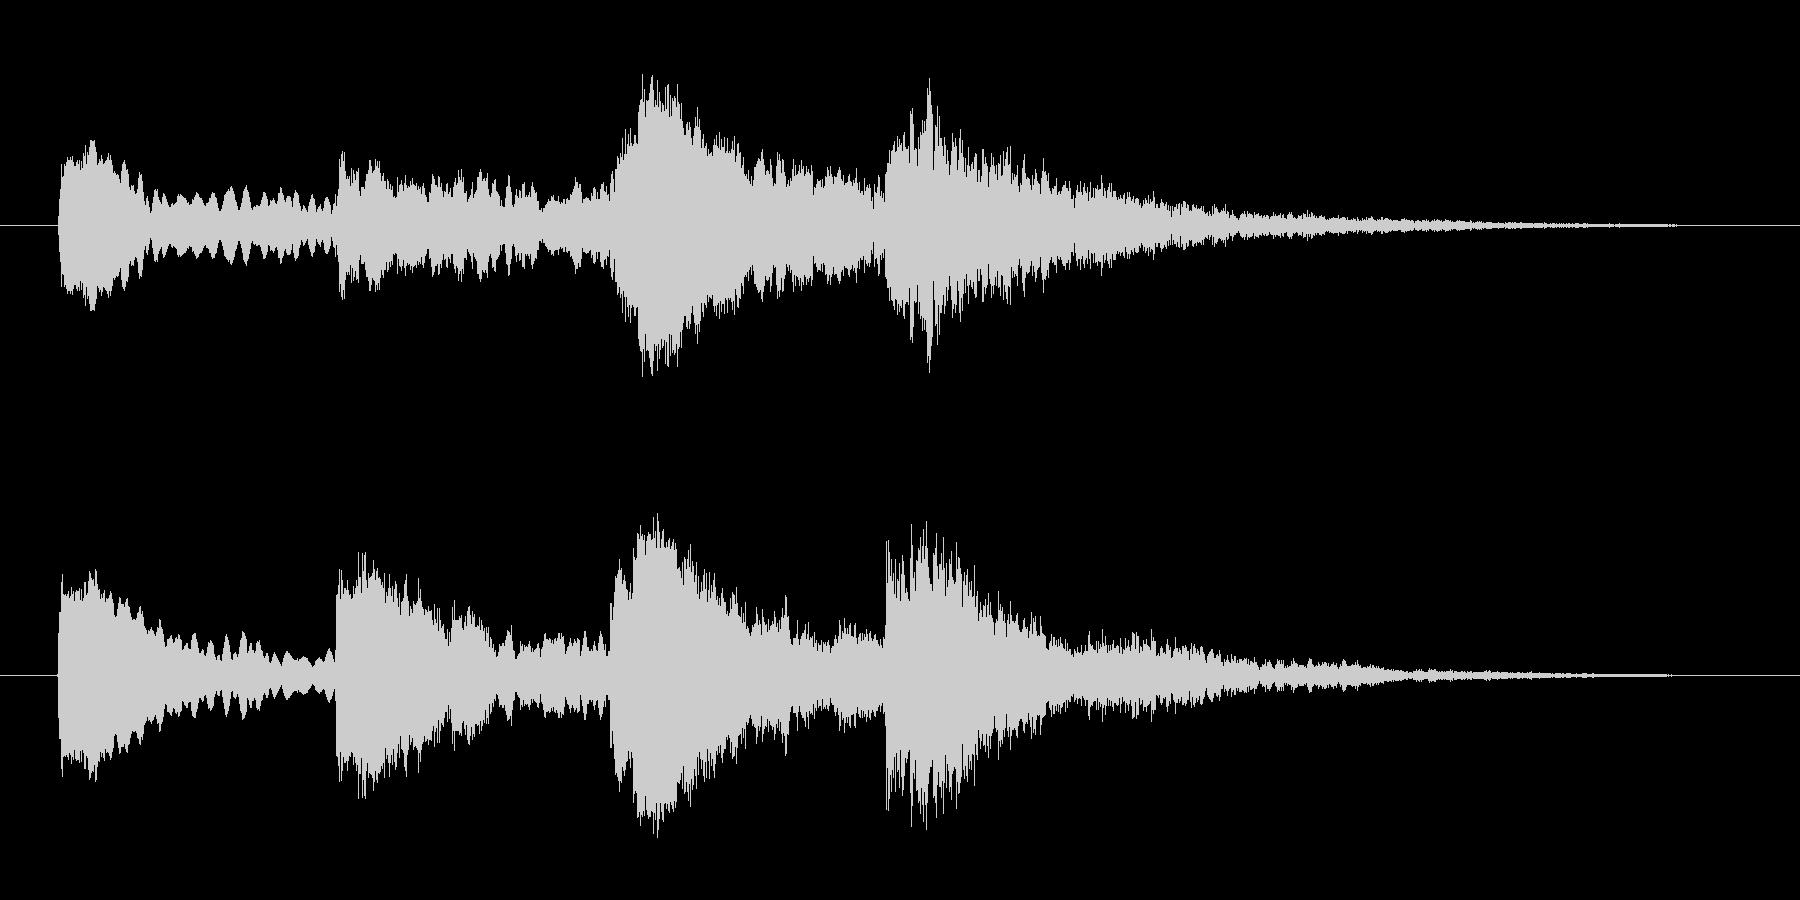 ホラー効果音 ピアノ 異変 察知 怪しいの未再生の波形